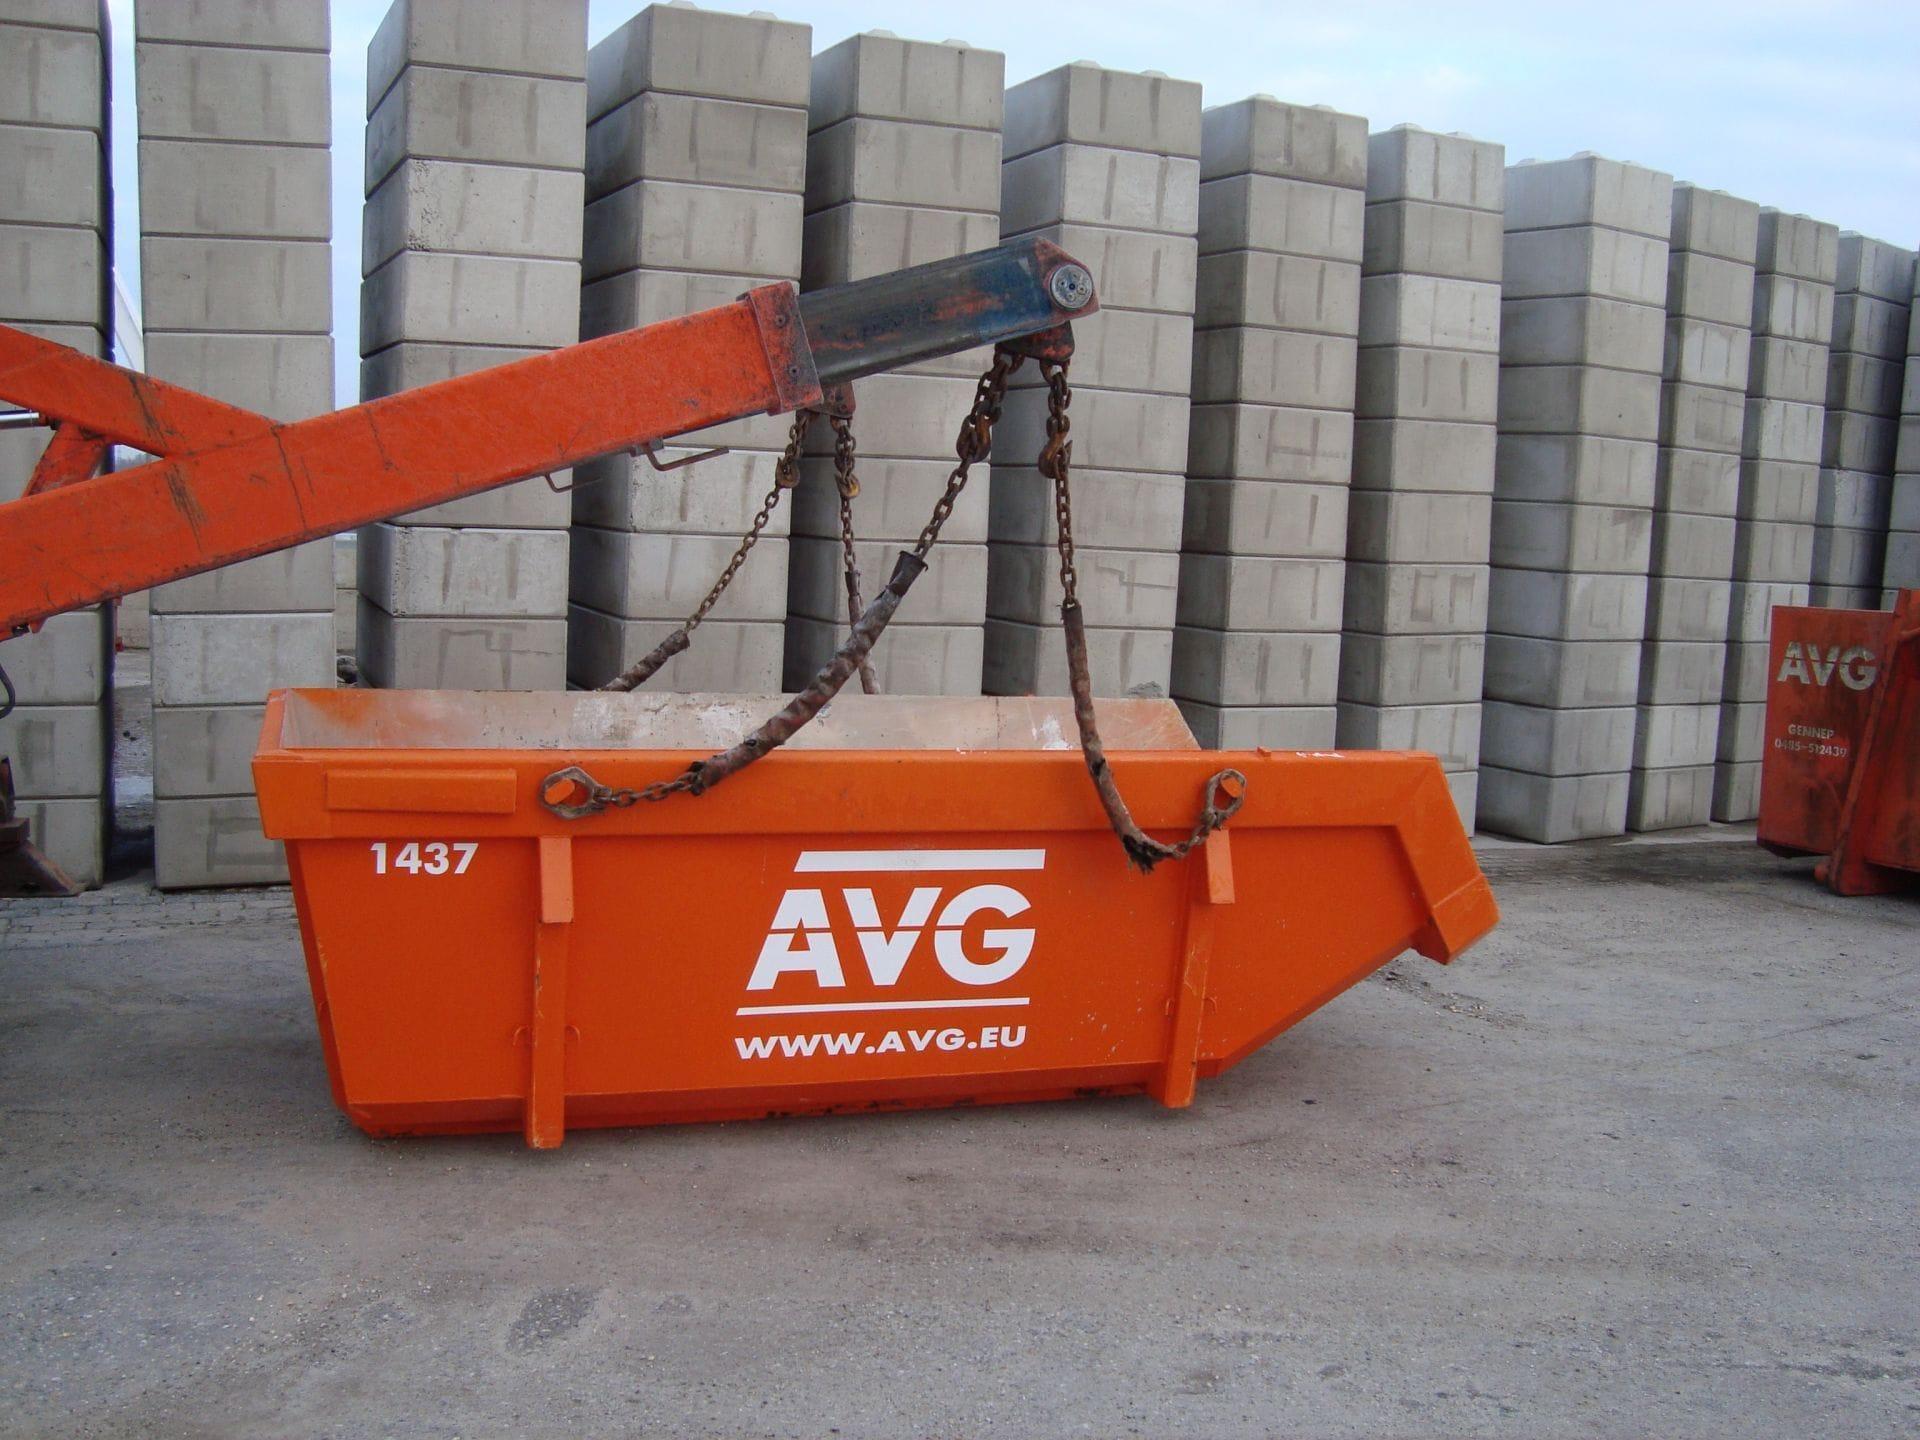 kleine-container-5-avg-bouwstoffen